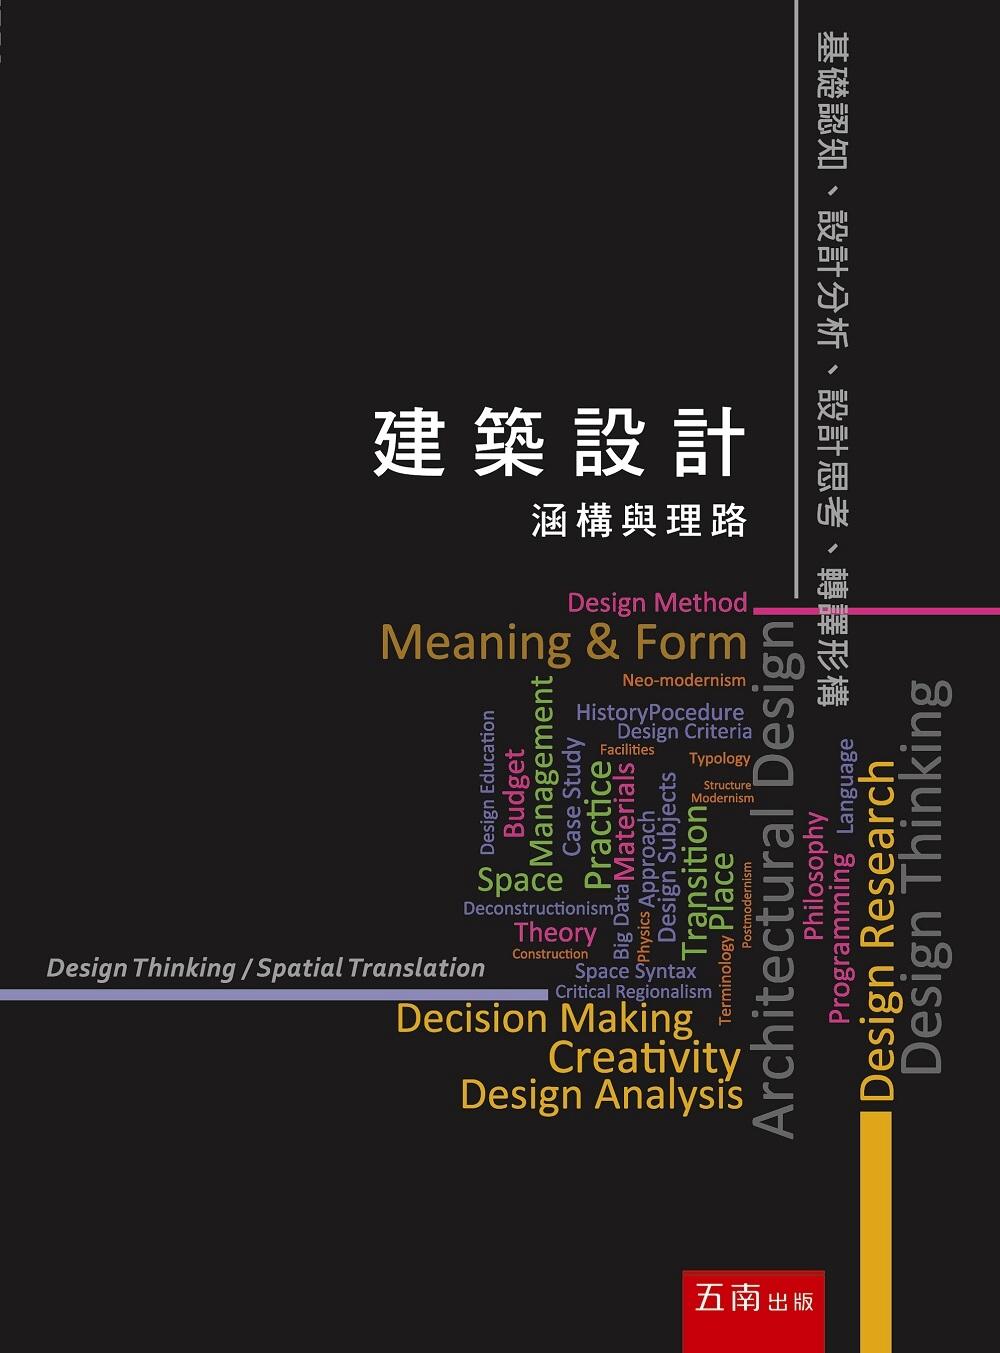 建築設計:涵構與理路